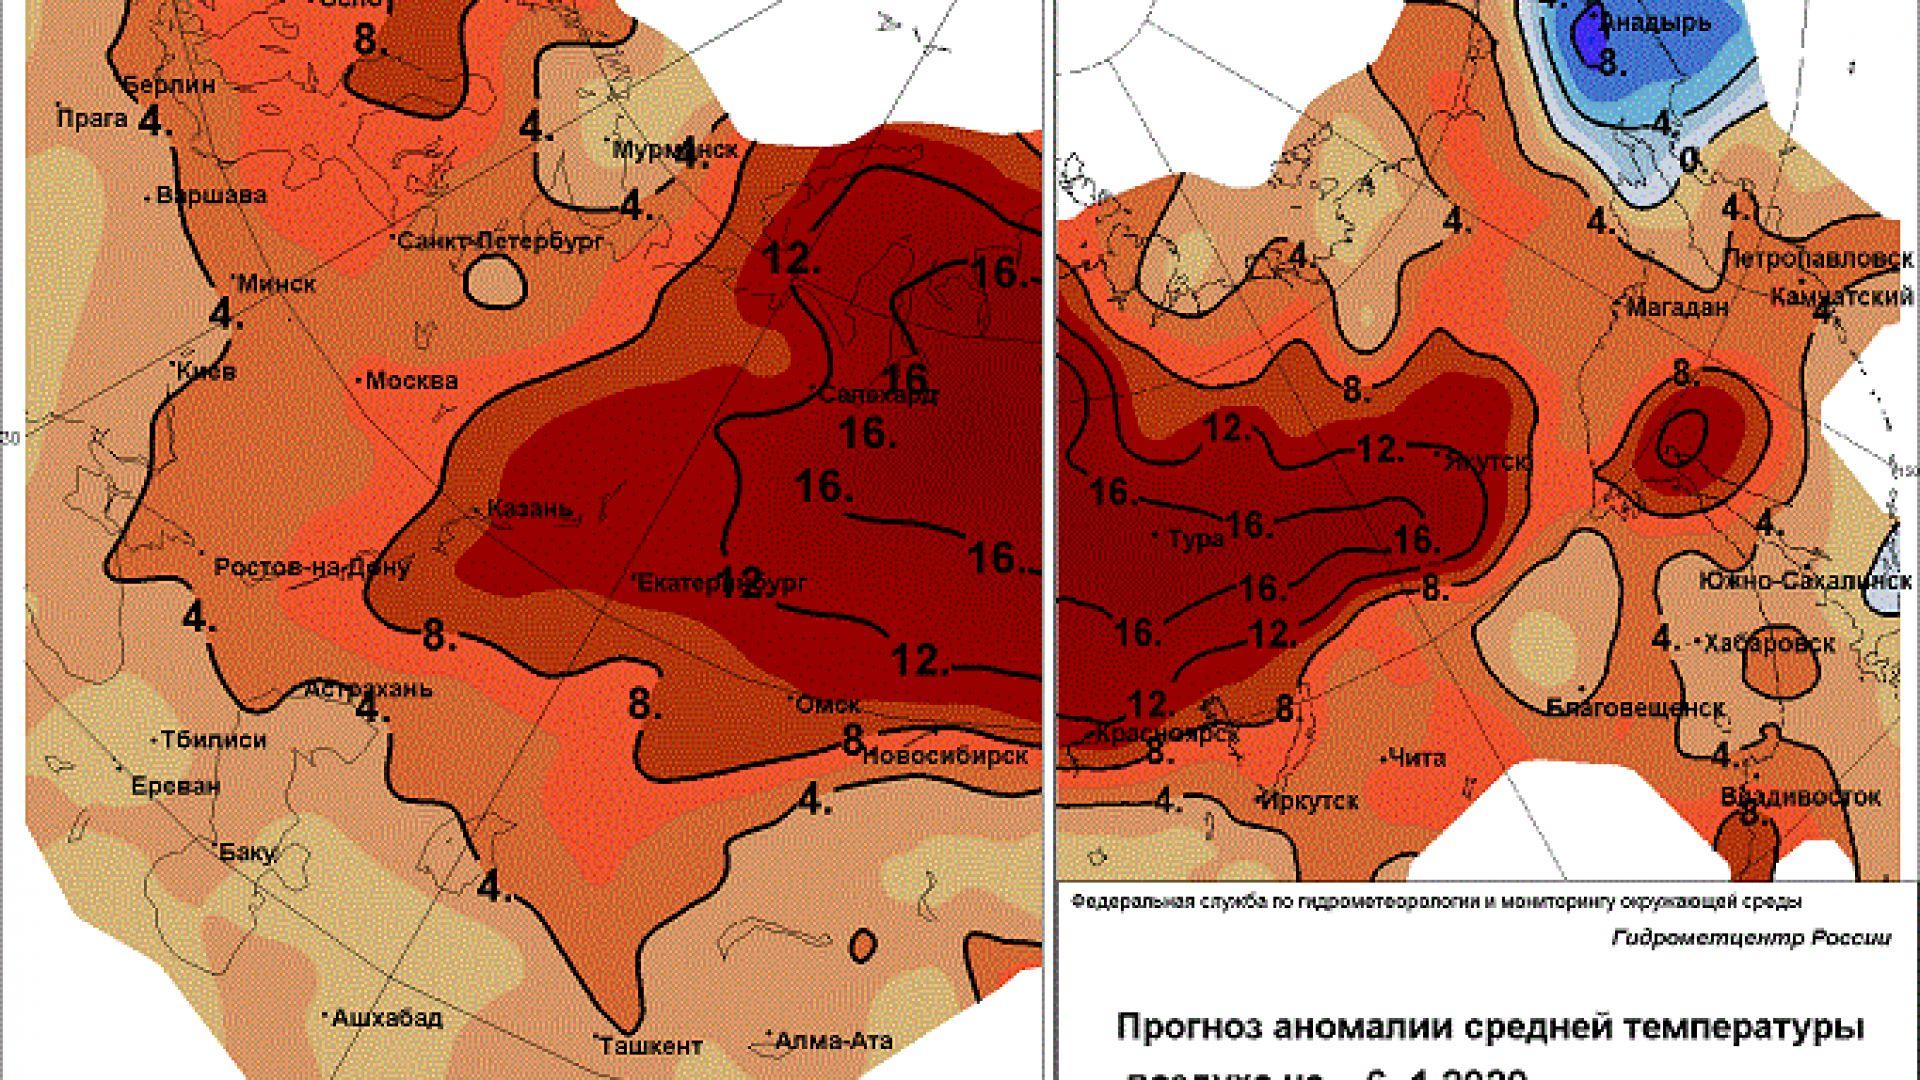 """Оставаме без зима - Атлантикът """"смазва"""" Сибир с топлина и влага"""